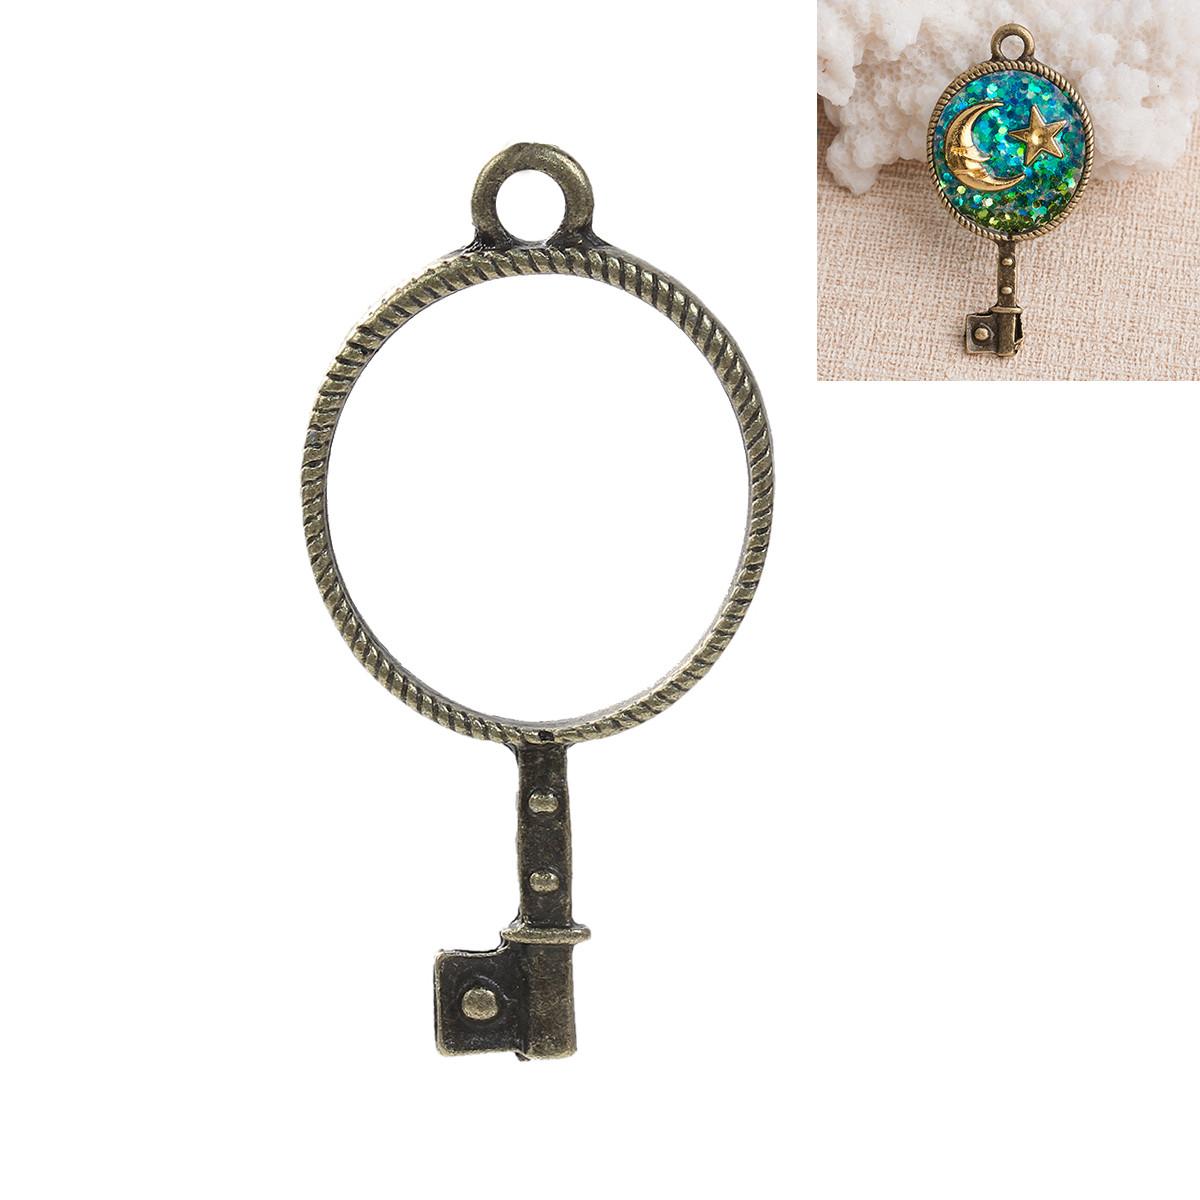 """Підвіска """" Ключ """", Коло, Рамка для заливки епоксидної смоли, Антична бронза, 44 мм x 22 мм"""